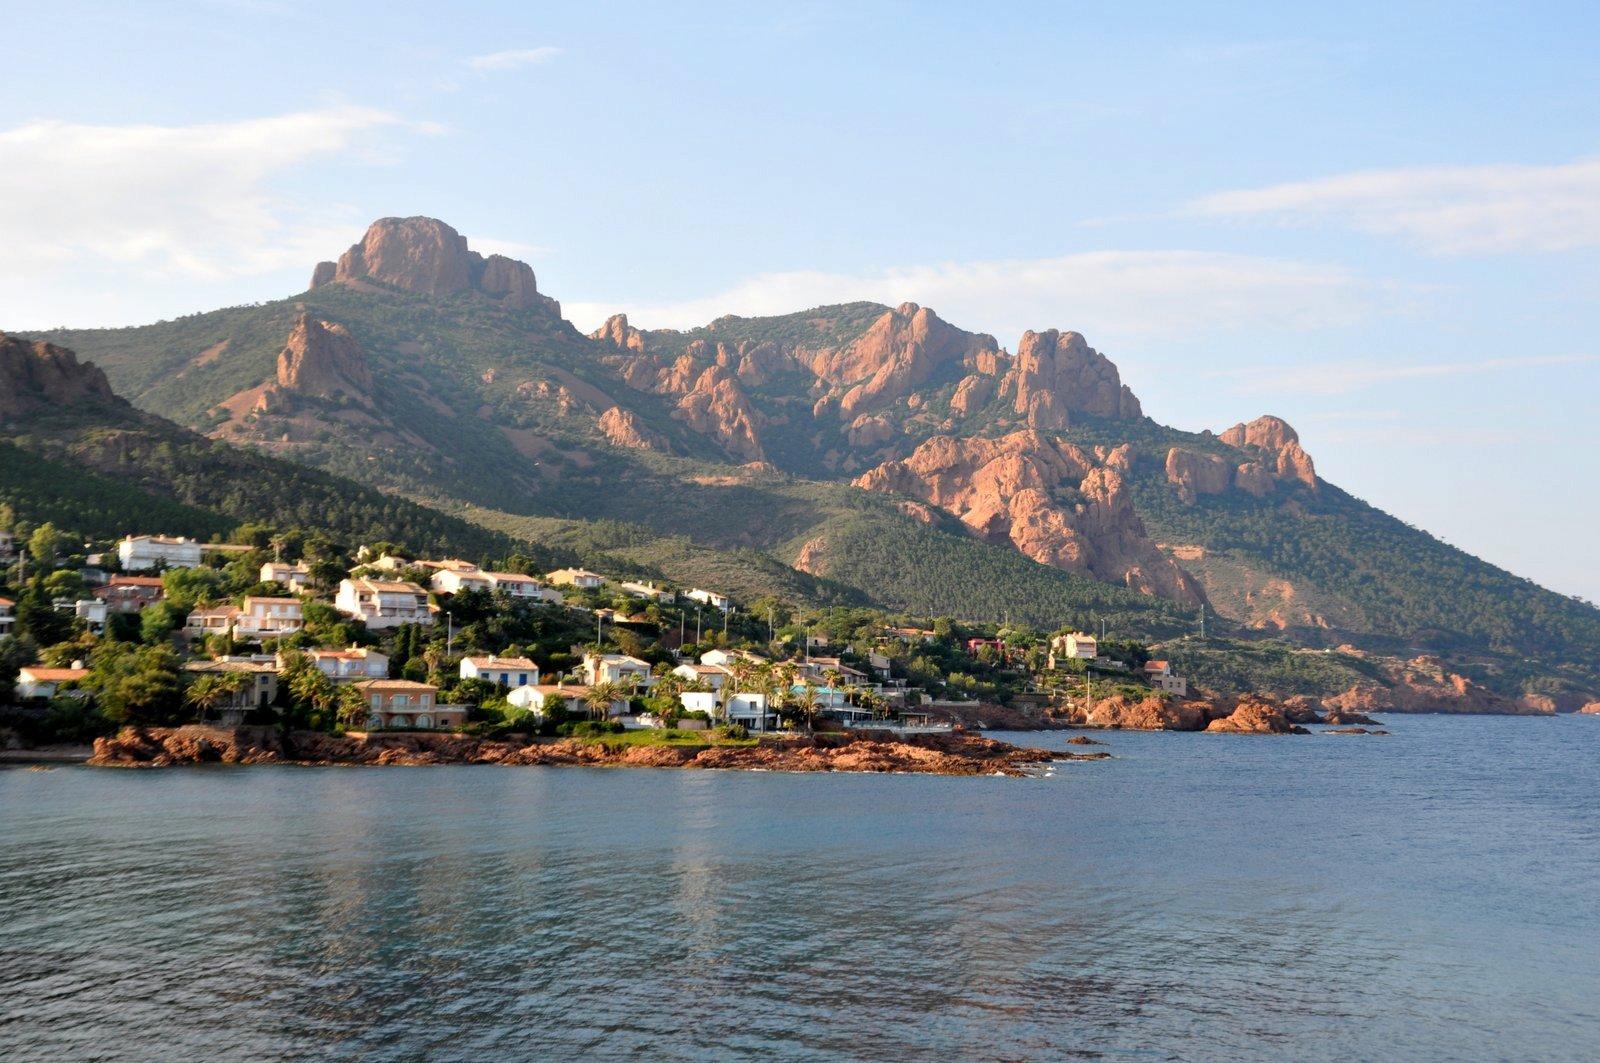 La corniche d'or est une des plus belles routes sur la Côte d'Azur